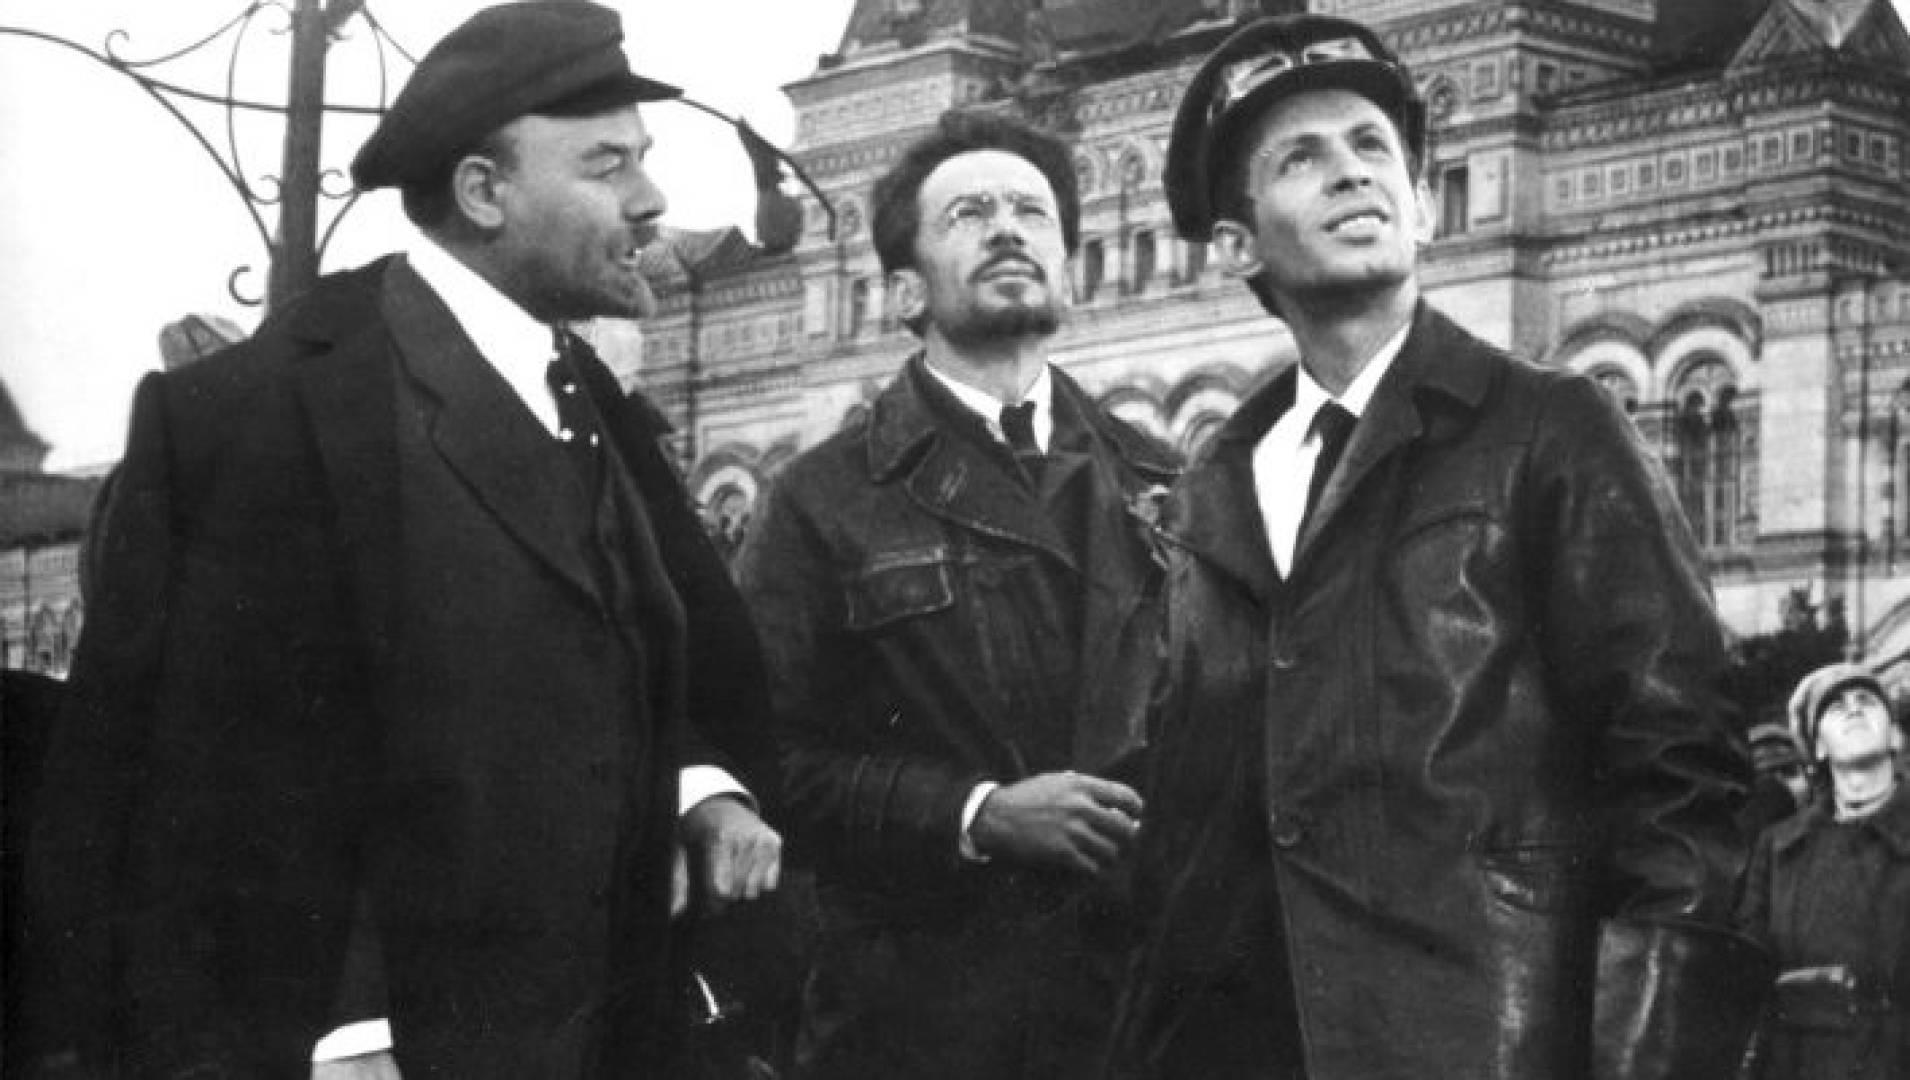 Красная площадь - Военный, Драма, Фильм